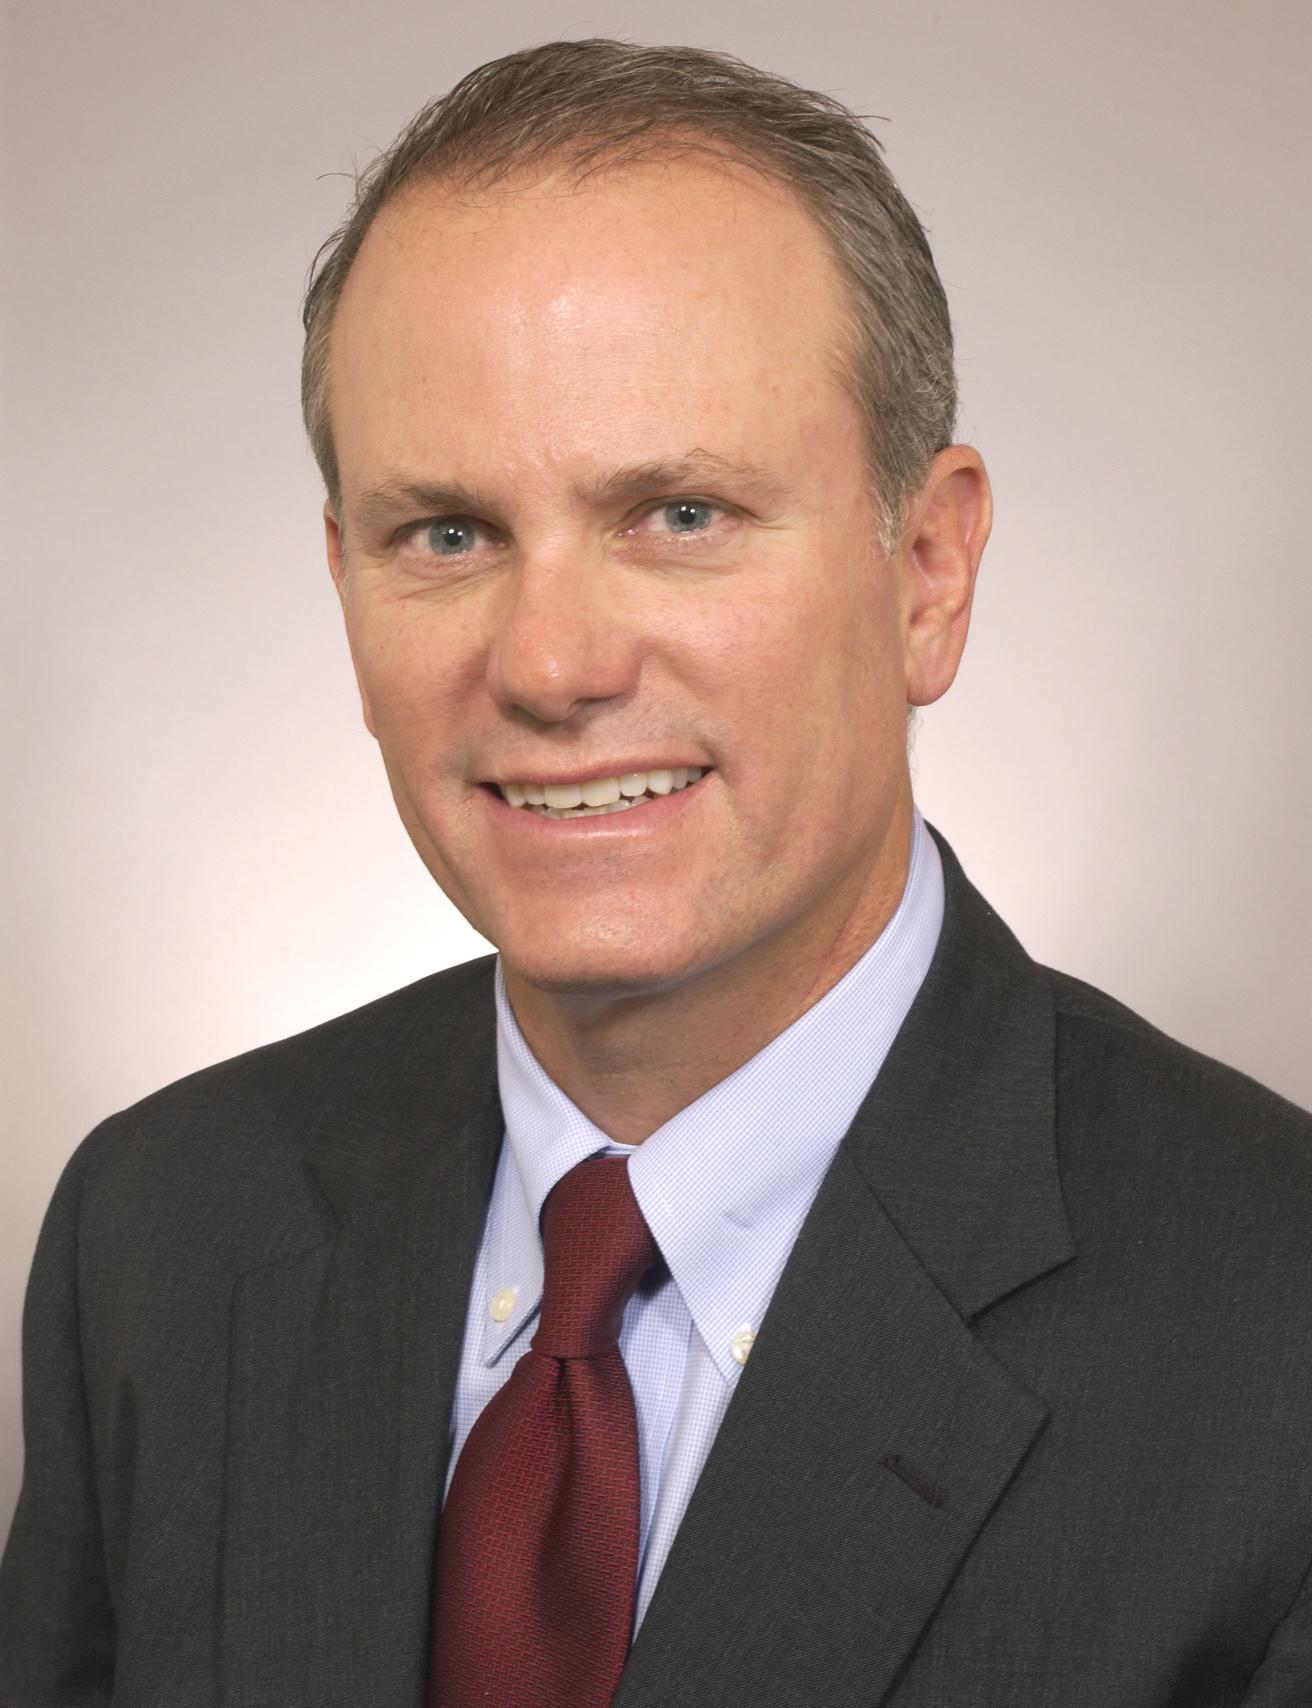 Kurt Alvater